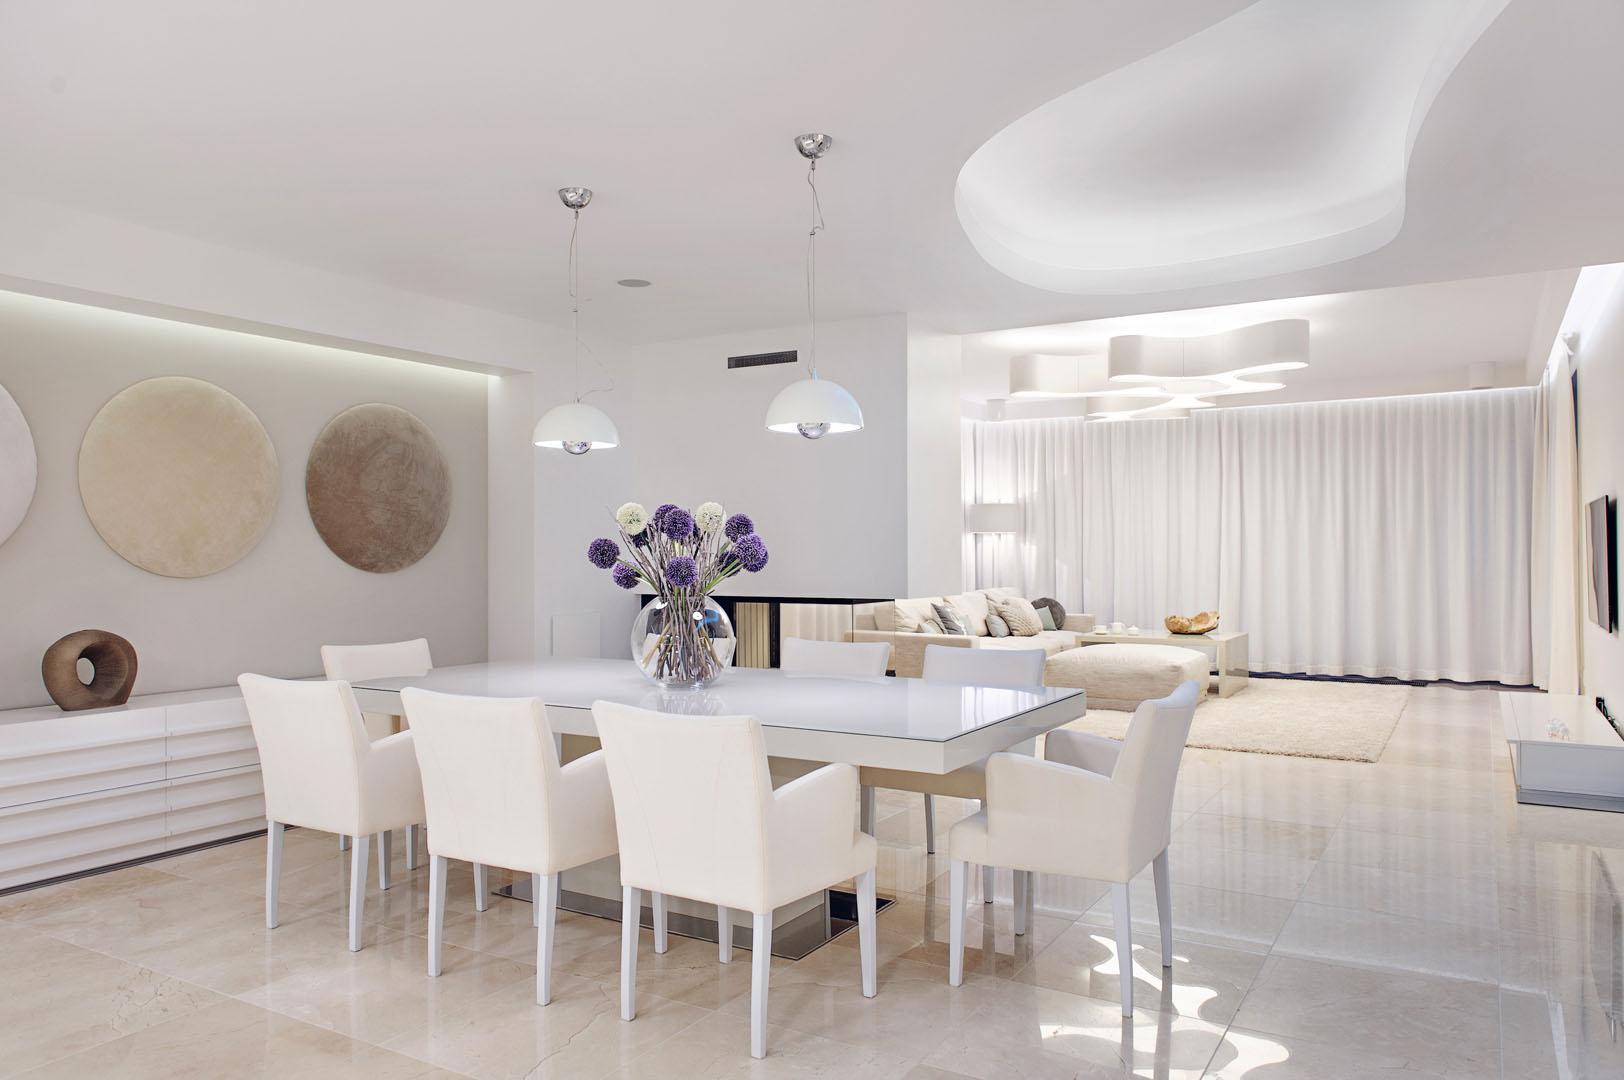 Dom prywatny 2012 - 01 krzesła stół lampy marmur komoda